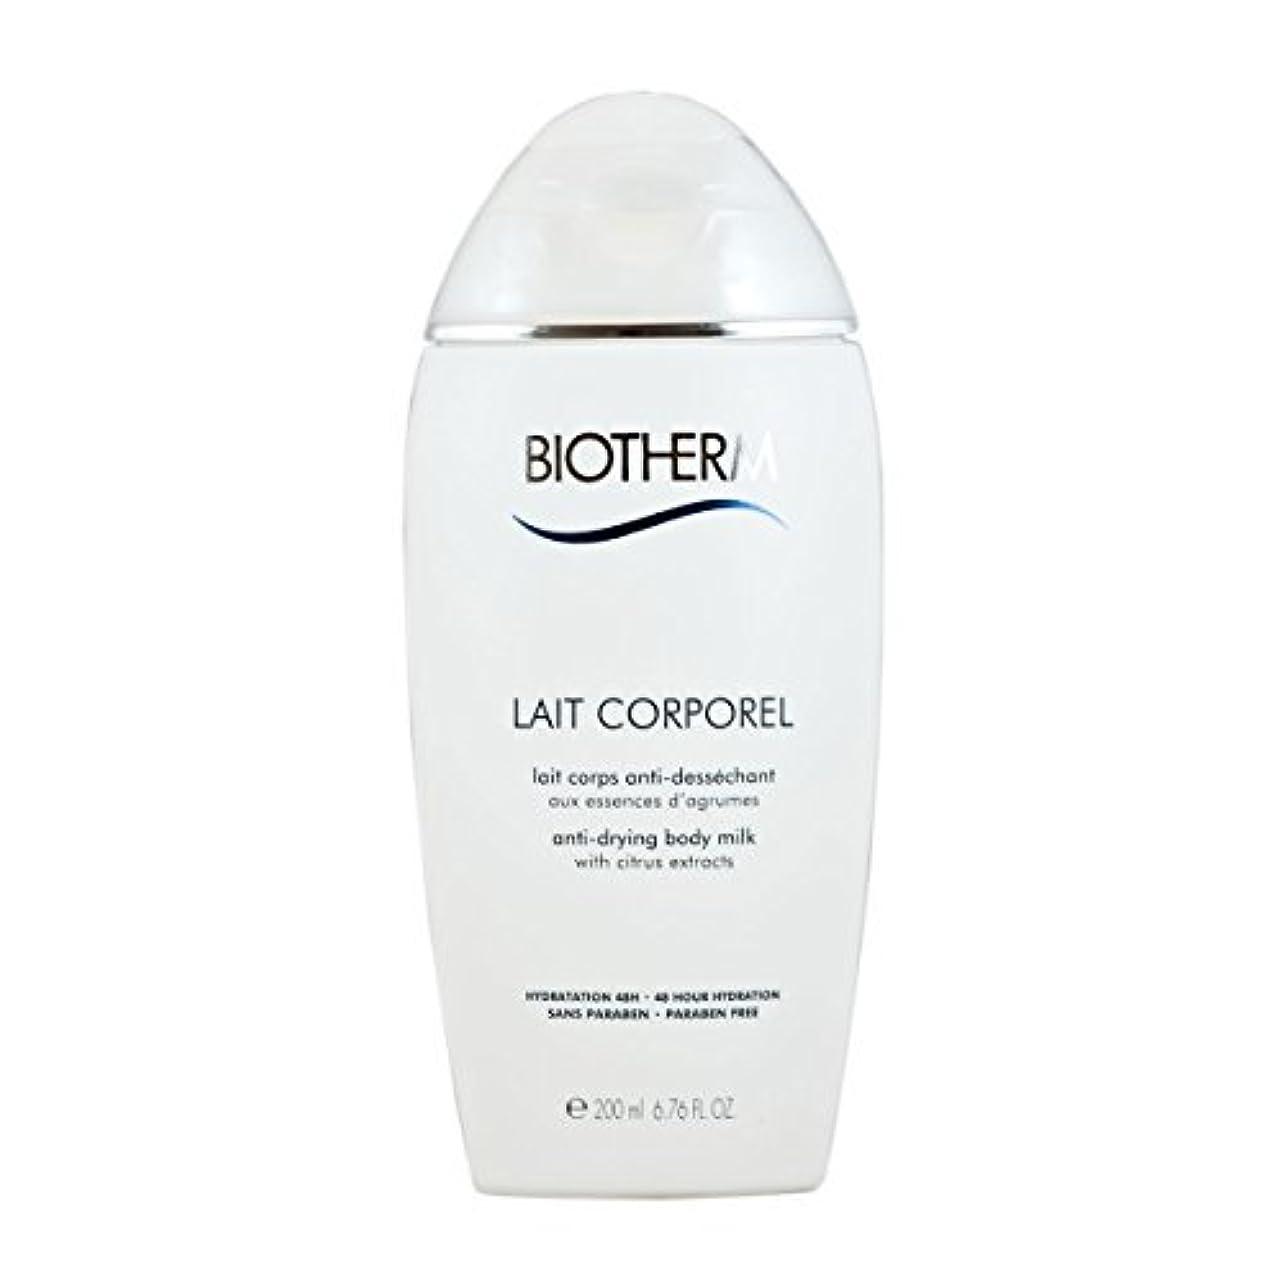 タクト草黒くするBiotherm Lait Corporel Anti-Drying Body Milk 6.76 Ounce [並行輸入品]